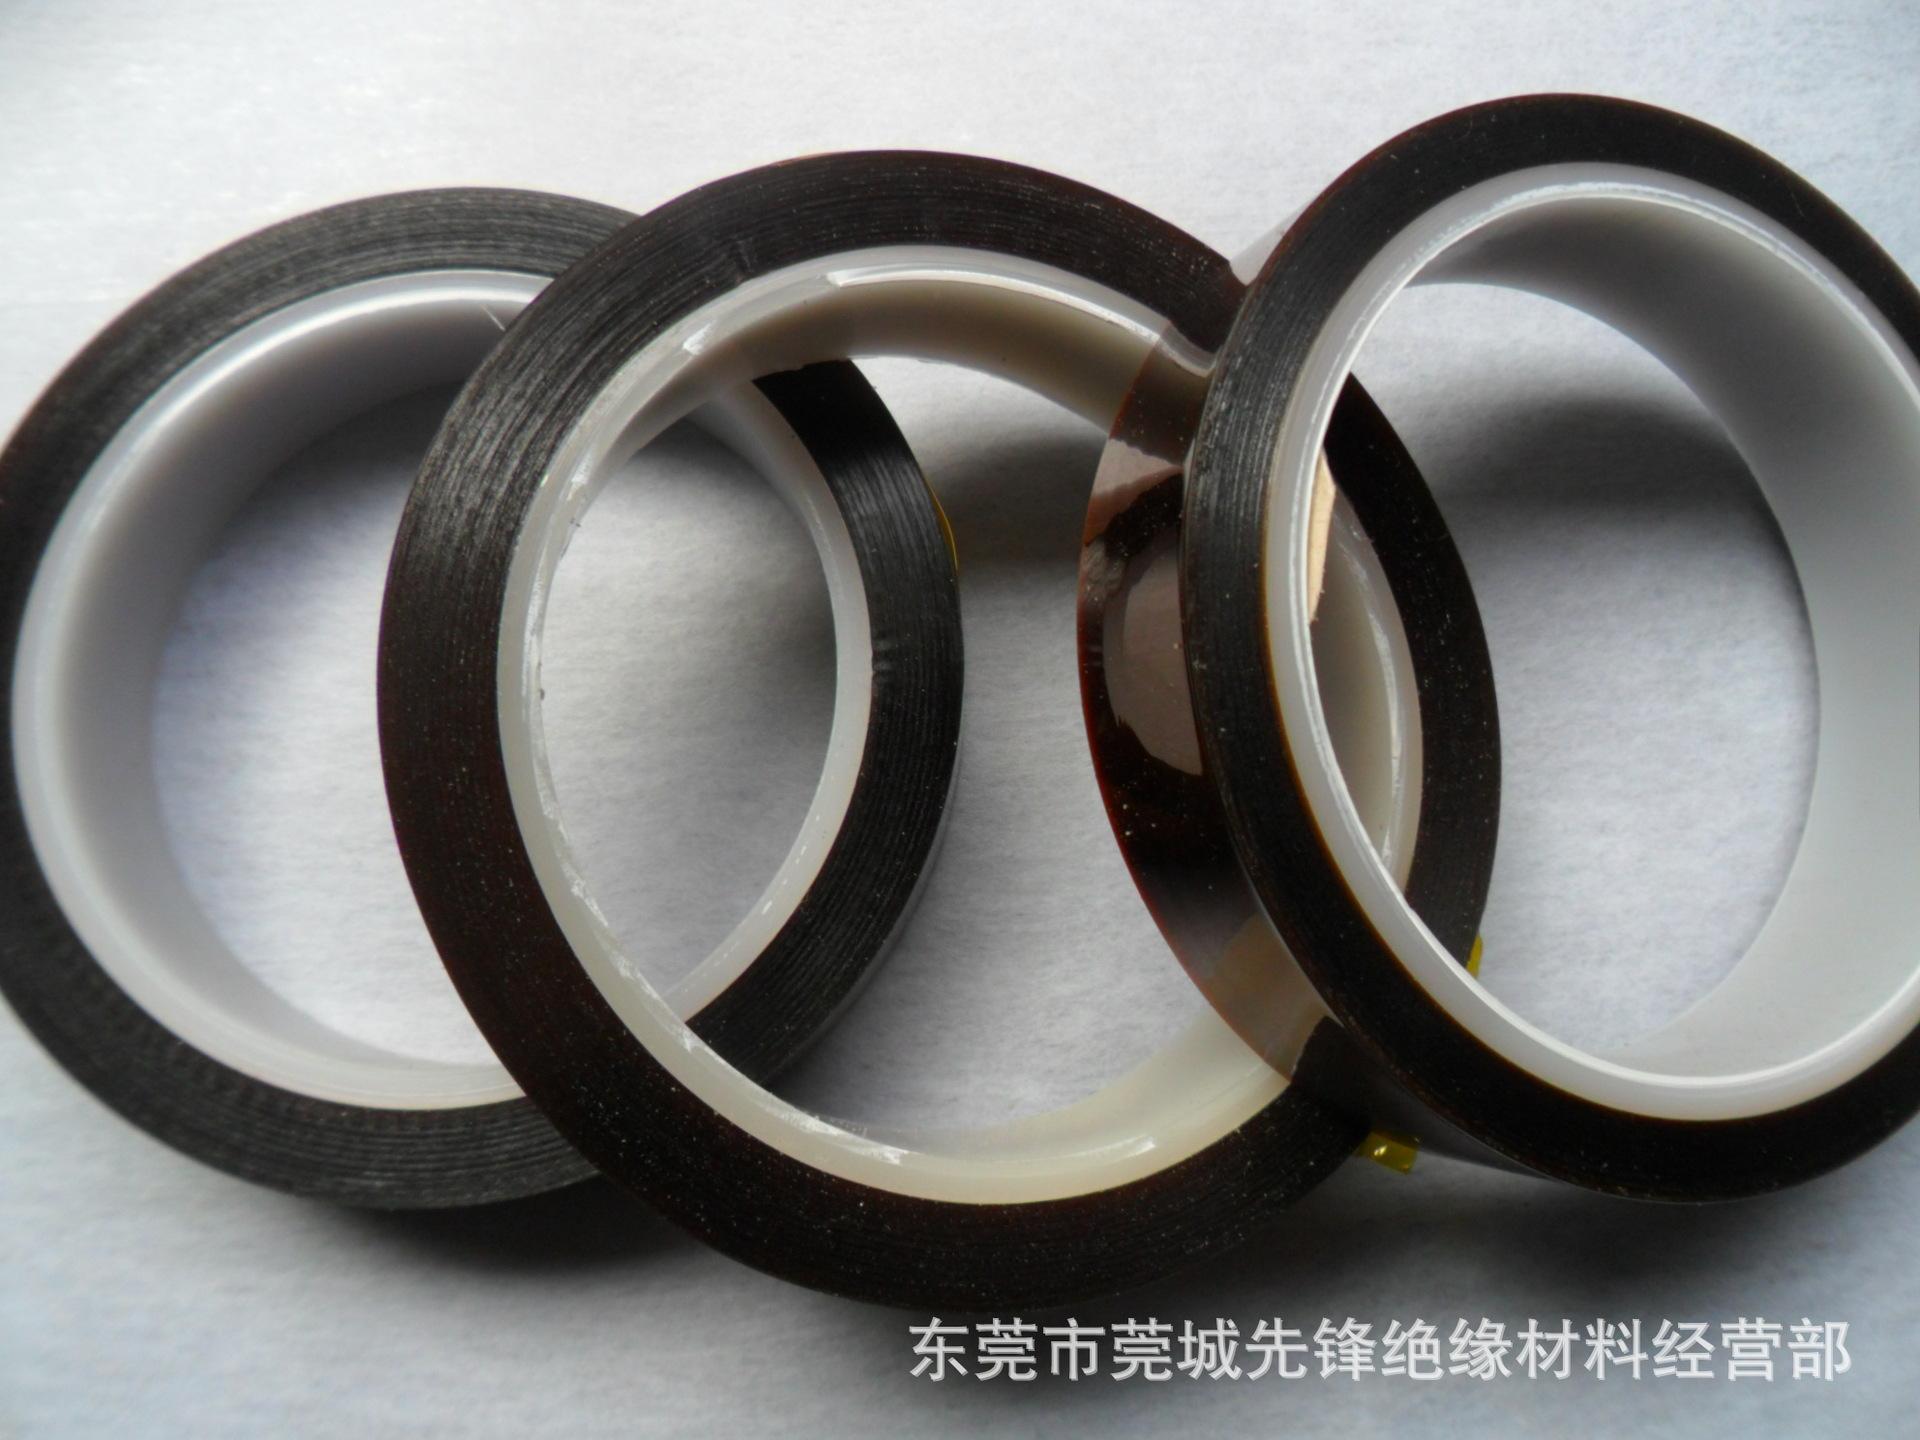 聚酰亚胺胶带/耐高温绝缘/茶色琥珀色/KAPTON防静电/工业胶带